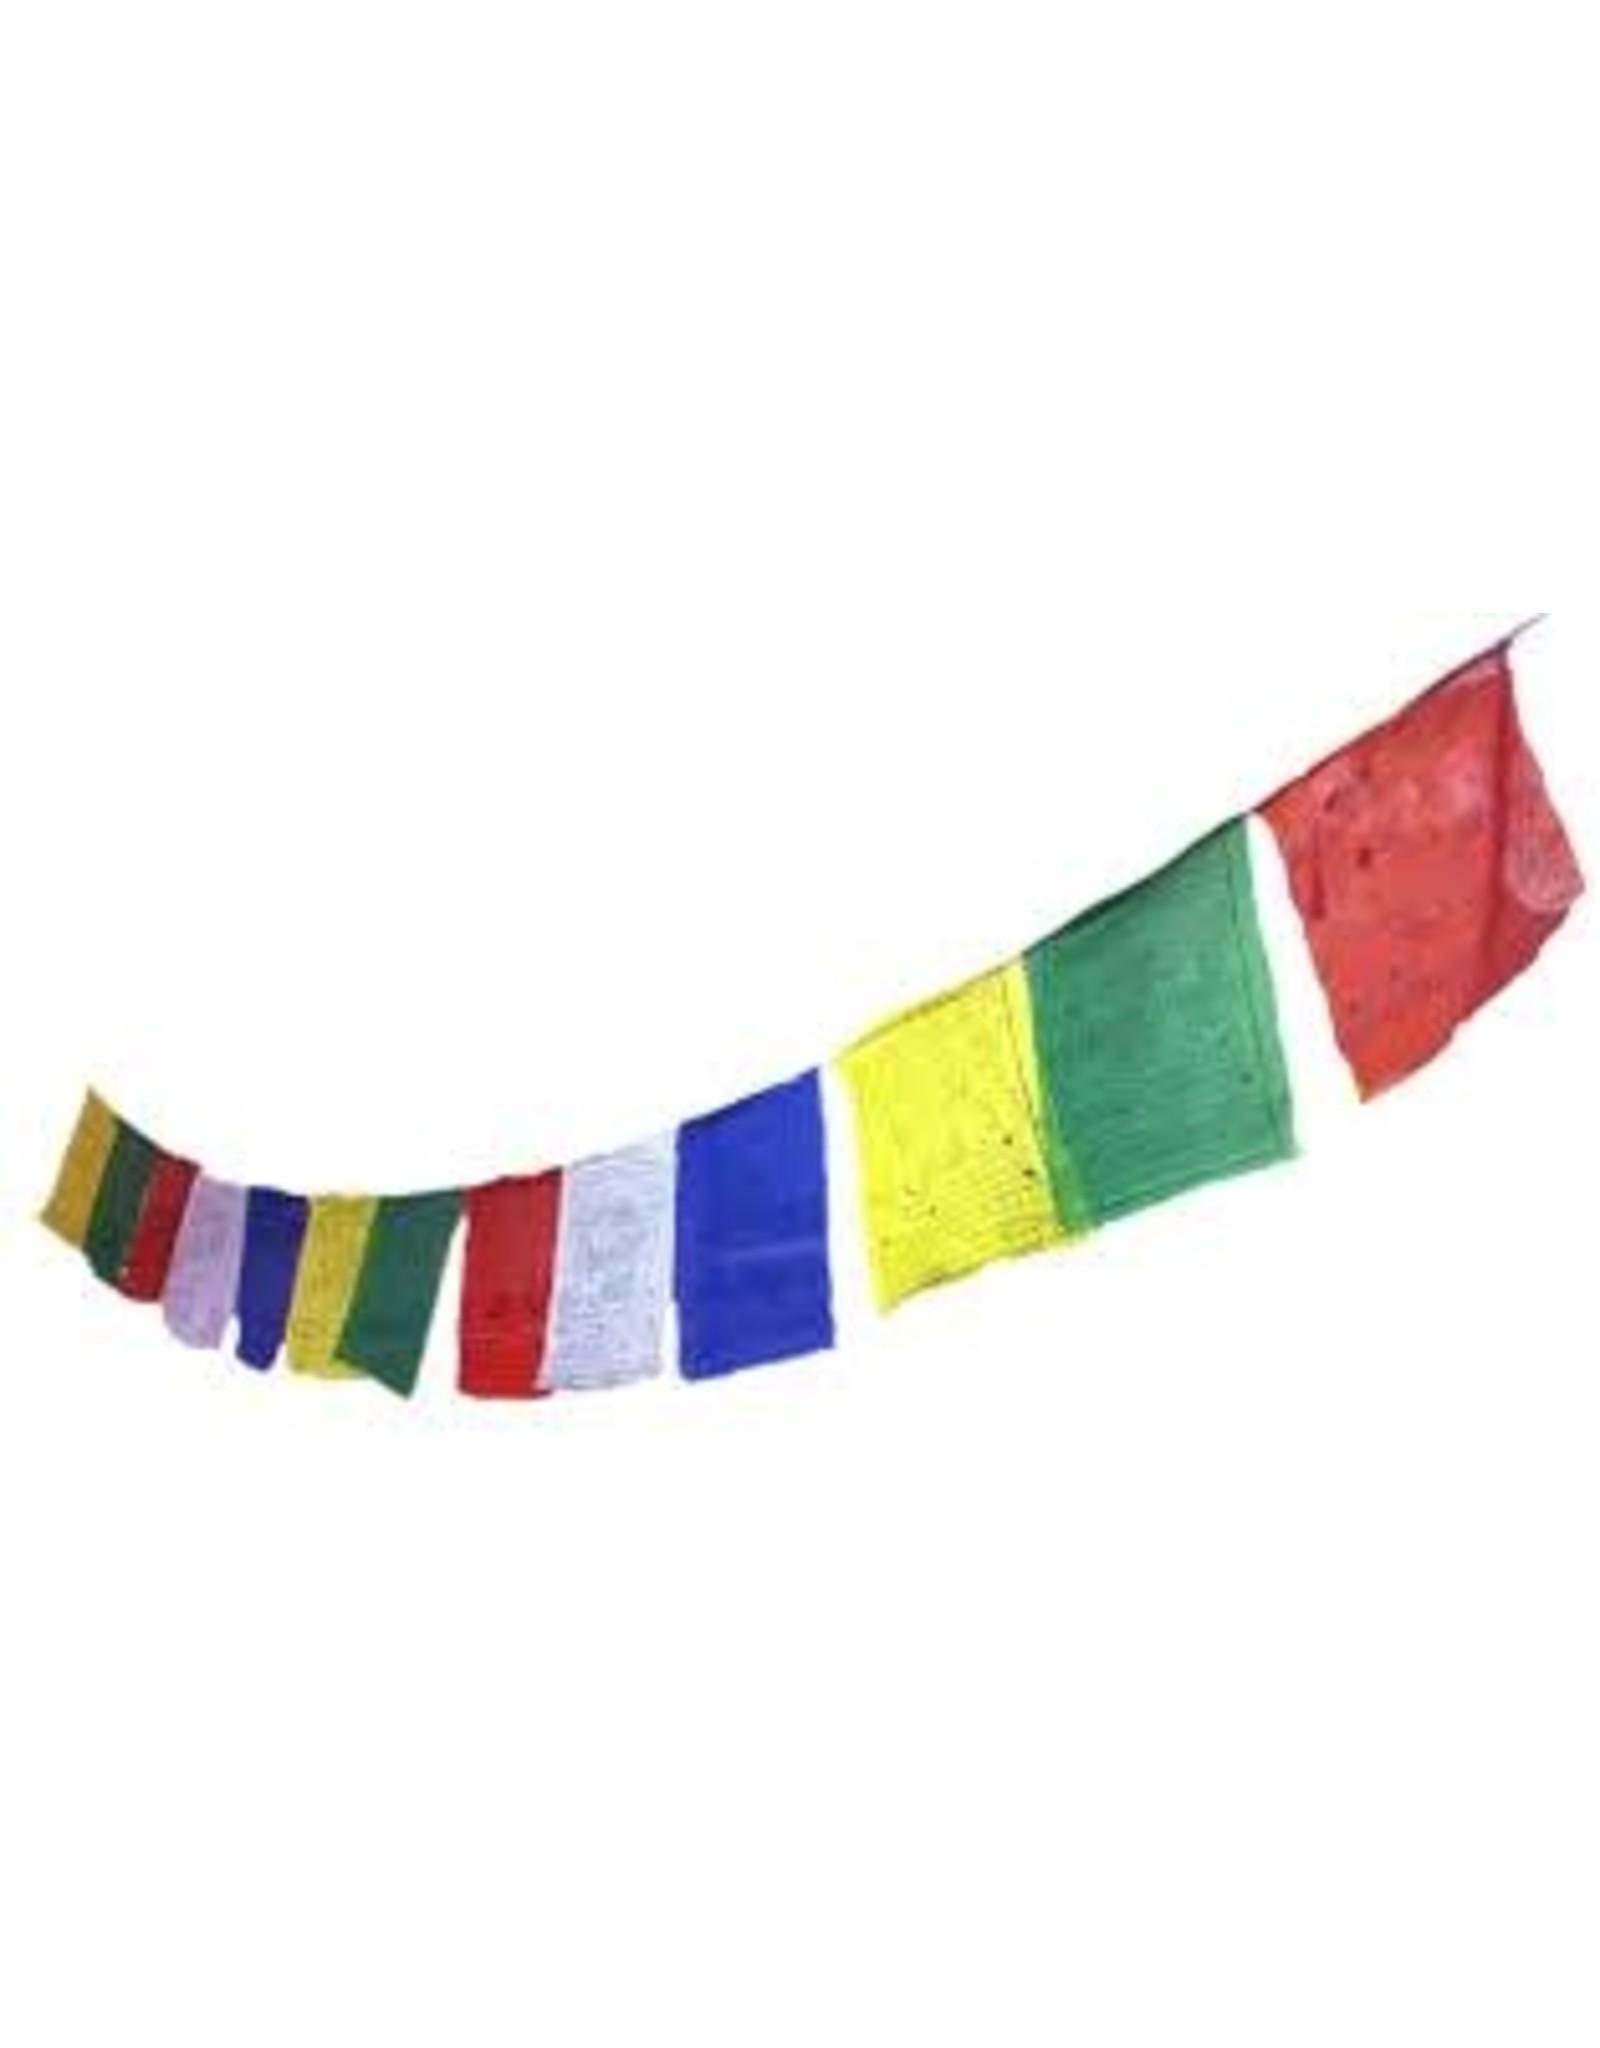 Tibetan prayer flags